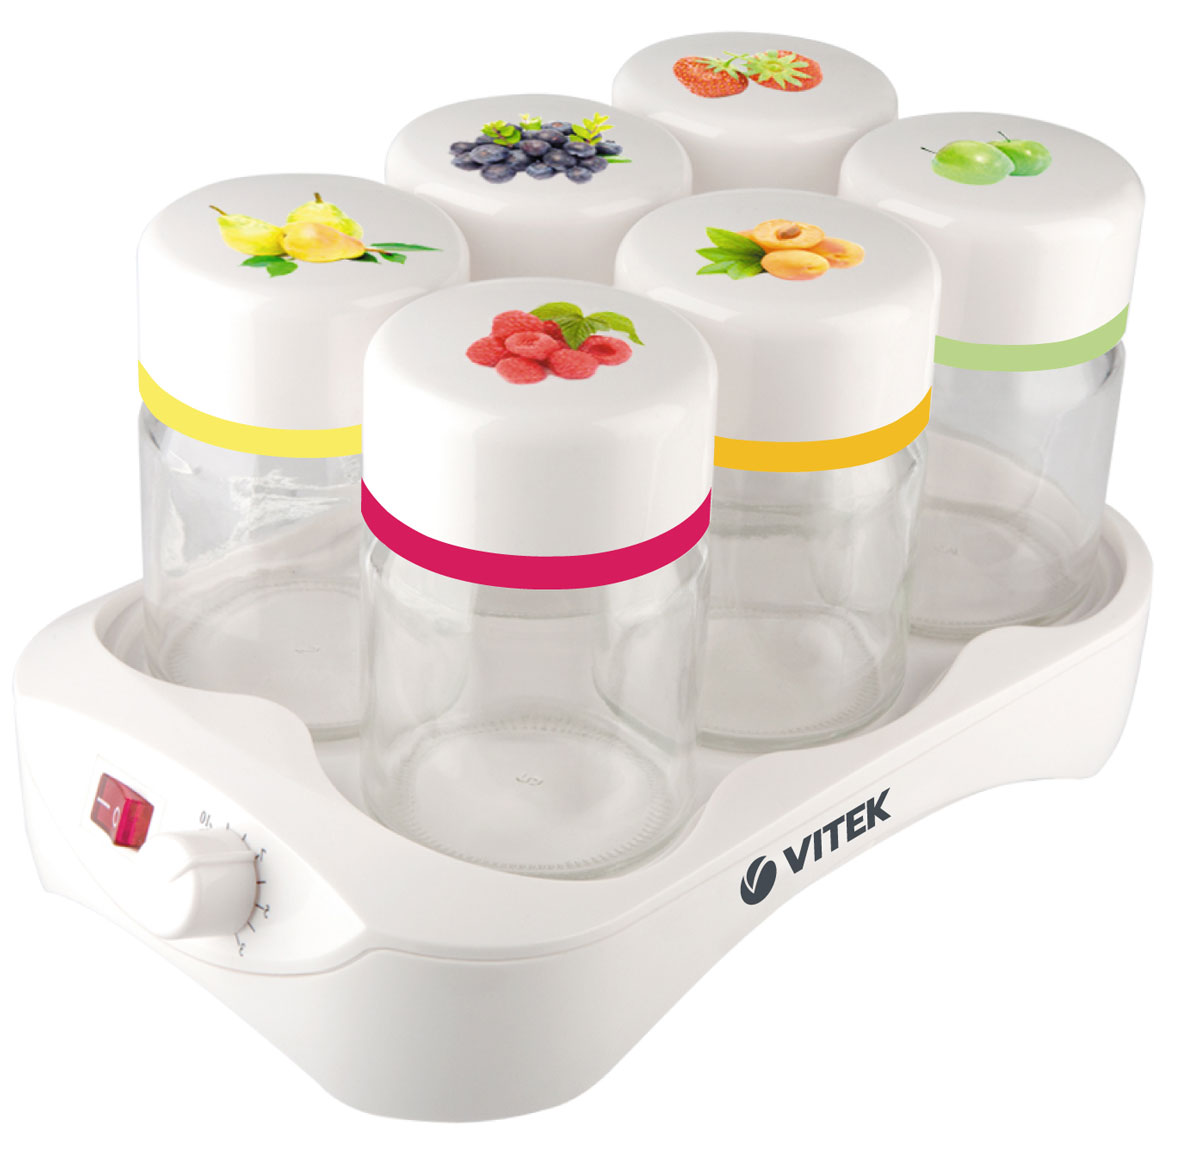 Vitek VT- 2600 W йогуртницаVT- 2600(W)Домашний йогурт – это не фантастика, если у вас есть йогуртница Vitek VT-2600 W. Компактное и надежное устройство порадует каждого, кто любит молочный десерт с разными вкусами. Простоту эксплуатации йогуртницы вы оцените при первом же ее использовании. Воспользовавшись таймером, вы можете приготовить десерт к нужному времени. А установив автоотключение - не ждать окончания работы устройства. Если же использовать данные опции одновременно, вы можете заняться любыми домашними делами и не переживать за приготовление йогурта! Йогуртница не перегревает кисломолочные продукты, что позволяет сохранить в них все полезные вещества.Легкий, вкусный, а главное полезный напиток из молока… Йогурт – тот продукт, который рекомендуется употреблять всем: от мала до велика. Однако не все знают, что йогурты, представленные на полках наших магазинов, натуральностью не отличаются. Вот почему есть смысл пользоваться замечательным прибором от Vitek – йогуртницой VT-2600, в которой приготовить йогурты с различными добавками очень просто!Компактная йогуртница с потребляемой мощностью 24 Вт представлена в белом цвете и, несомненно, впишется в интерьер любой кухни. Прибор оснащен шестью стеклянными баночками с закручивающимися крышками для приготовления и хранения йогурта. Вместимость каждой баночки 165 мл, что позволяет получить шесть полноценных стаканов полезного и вкусного продукта.В умном приборе также предусмотрен удобный таймер со световой индикацией, который облегчает процесс приготовления: вам не надо думать о том, когда выключить йогуртницу - она все сделает сама! Более того таймер поможет регулировать консистенцию продукта: вы можете выбрать нужно время для того, чтобы сделать более густой или жидкий йогурт! Автоматическое отключение прибора позволит держать процесс приготовления йогурта под контролем и узнать, когда продукт готов.Йогуртница Vitek VT-2600 – высокий иммунитет и отменное здоровье!Емкость баночки для йогурта: 165 млКоличество баноч